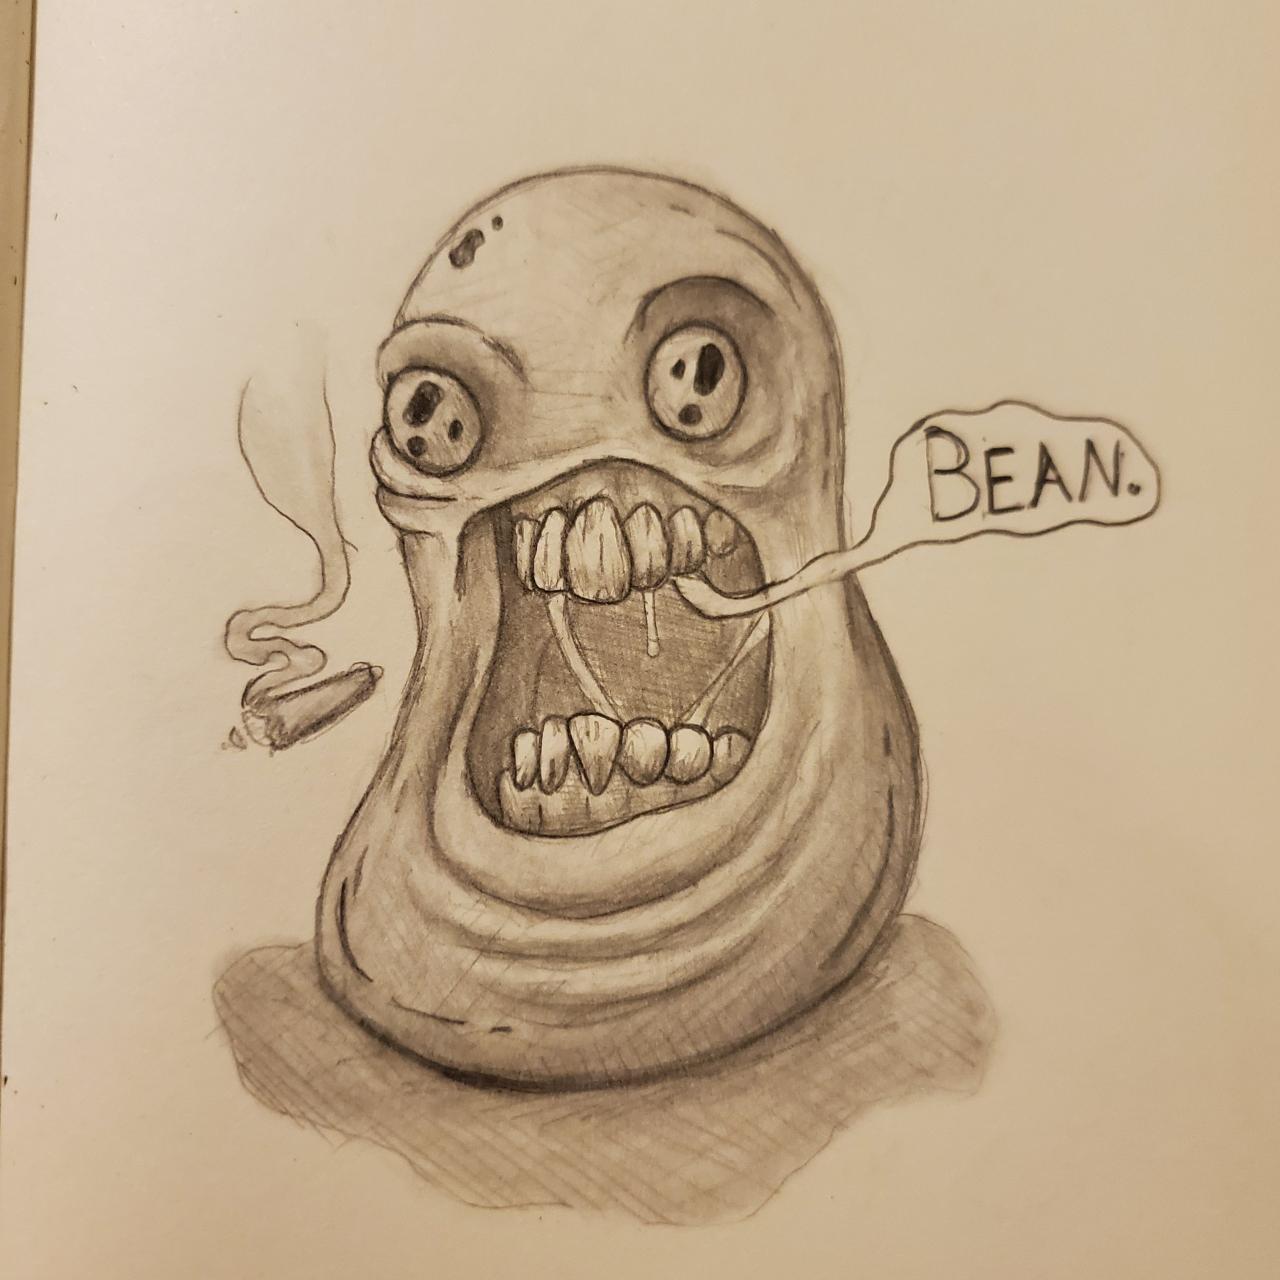 Anyone want a bean tattoo?